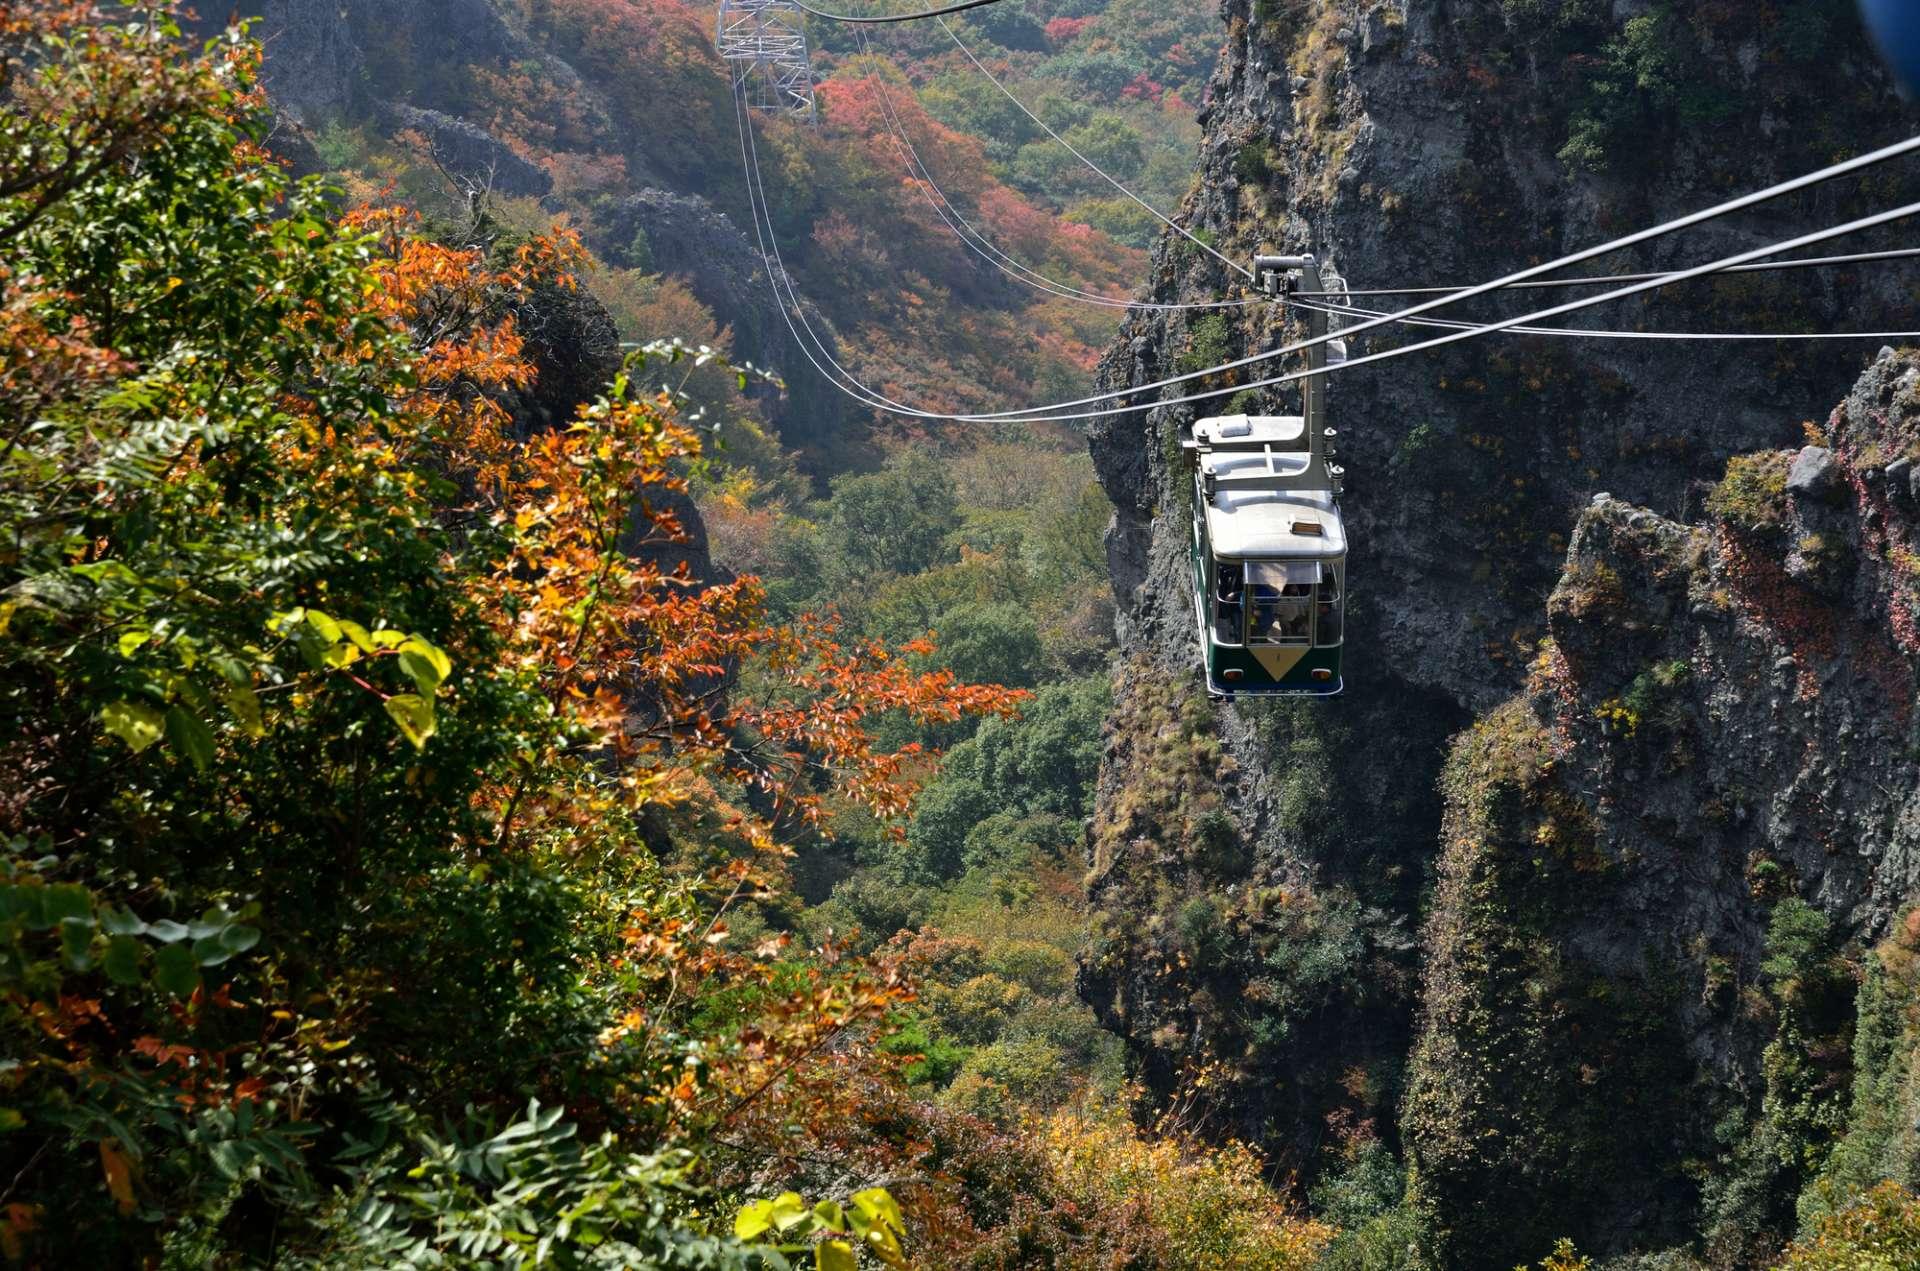 寒霞溪、新绿、空中缆车、绝景、山顶、健行